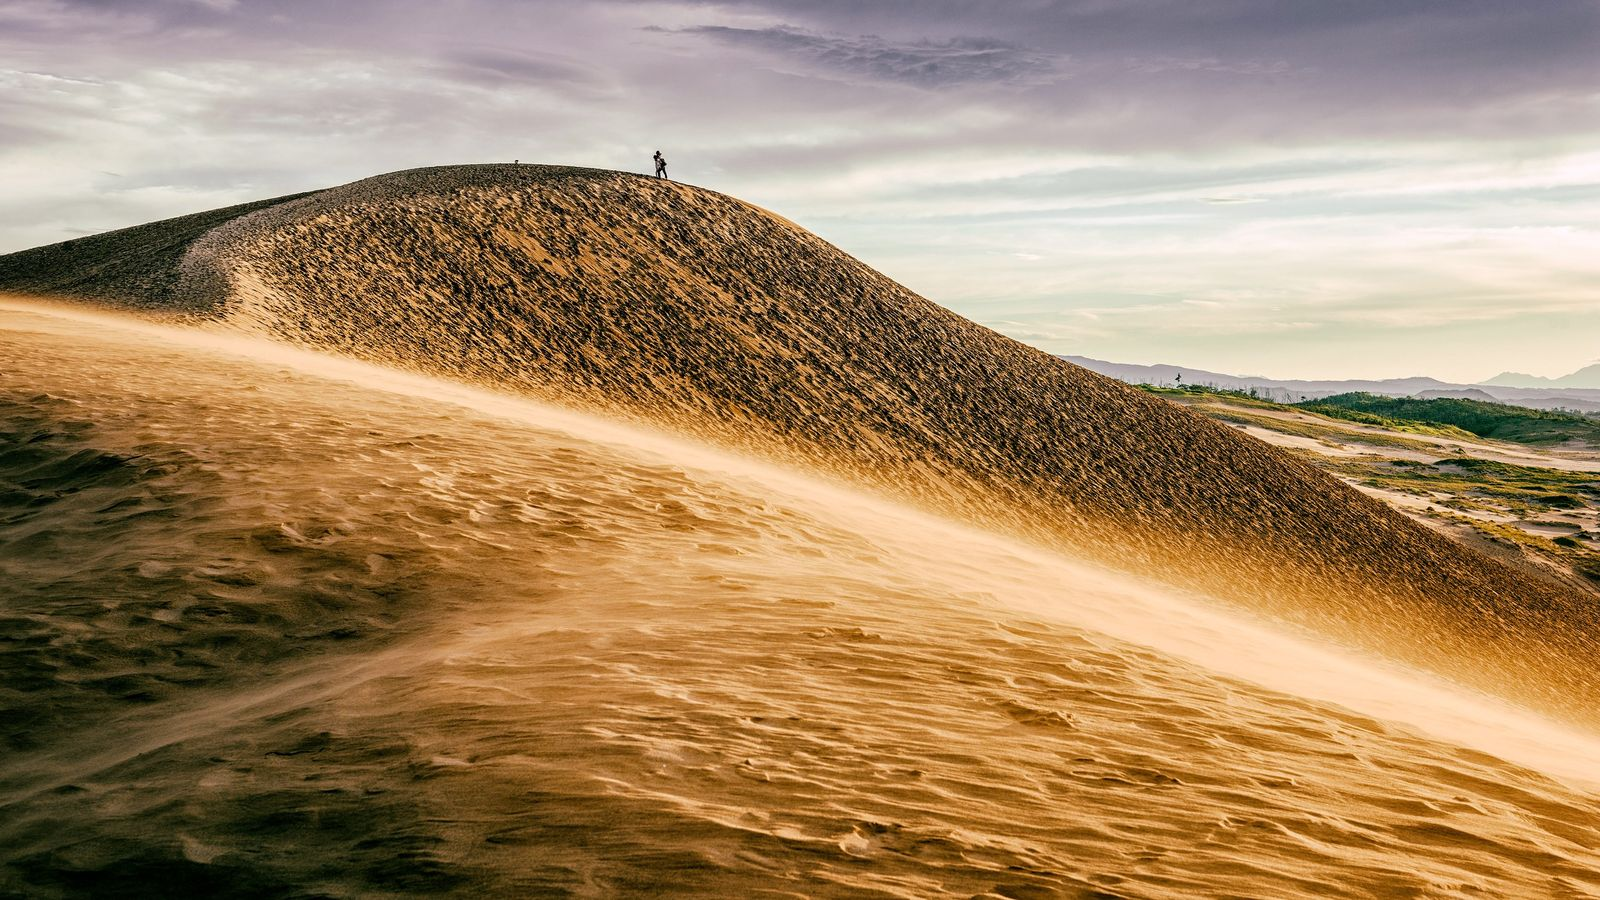 Dunes de sable à Tottori, le long de la mer du Japon.